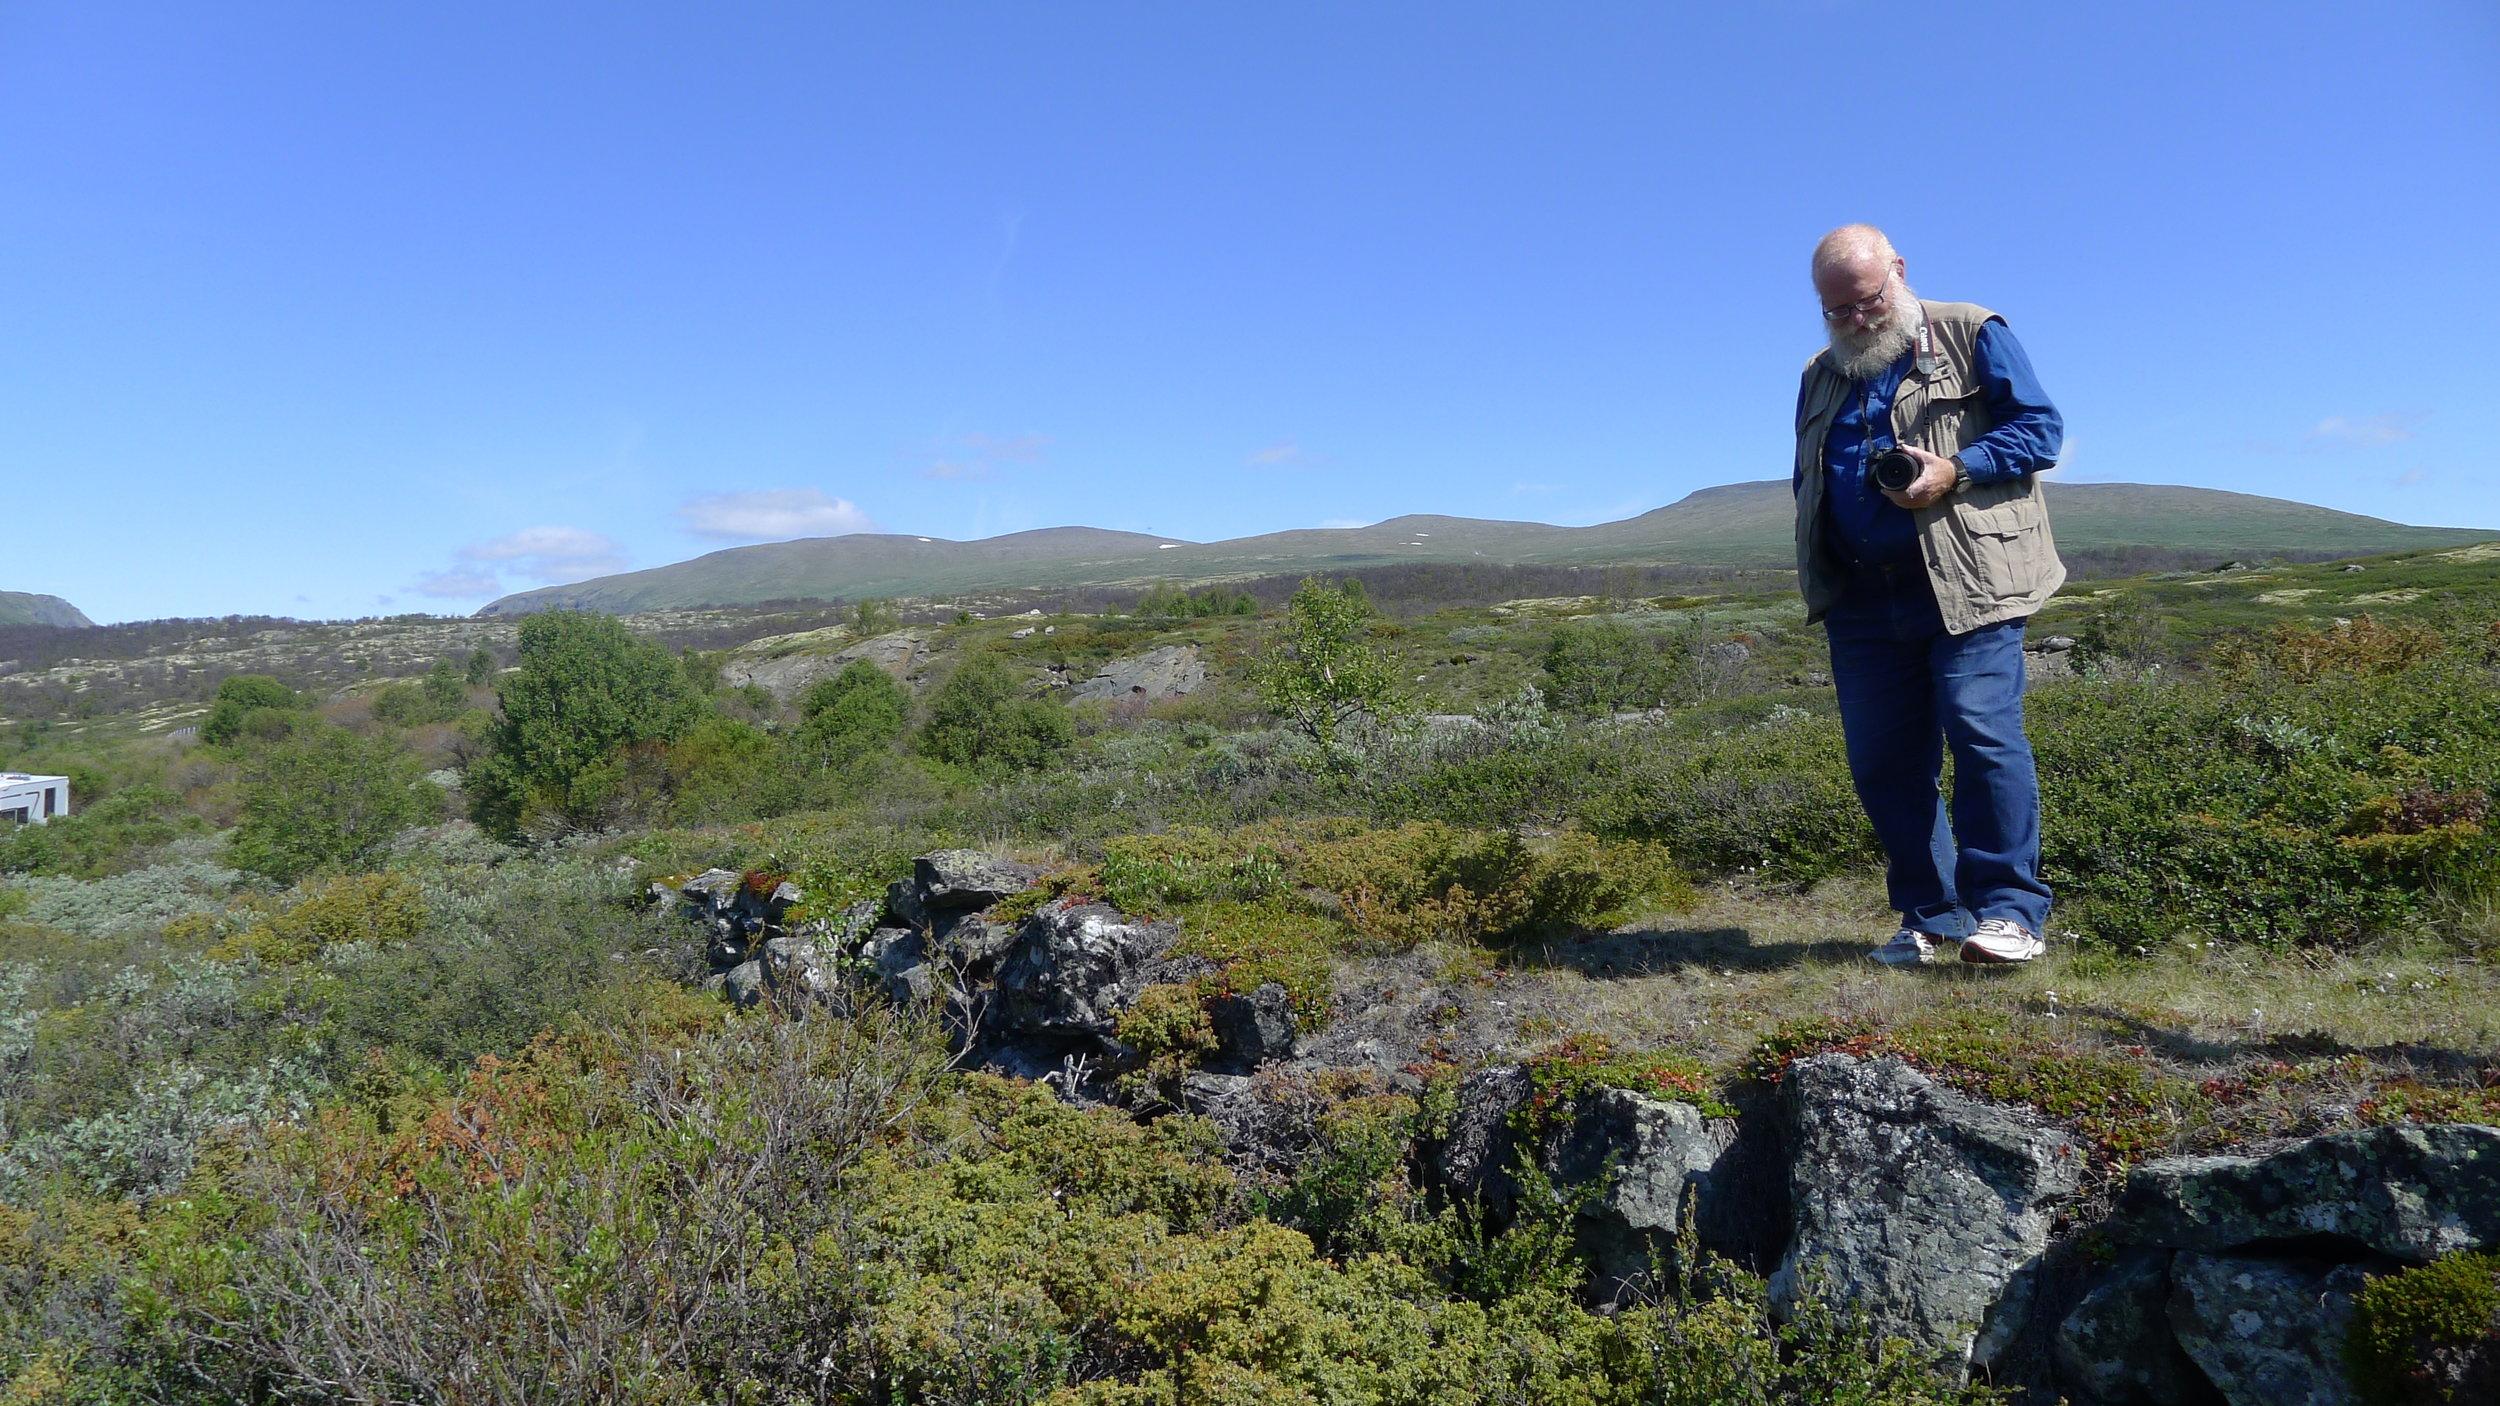 Geir Paulsrud på en strekning av kongevegen som ligger syd for Jøroskloppa. Foto: Marit Johansson